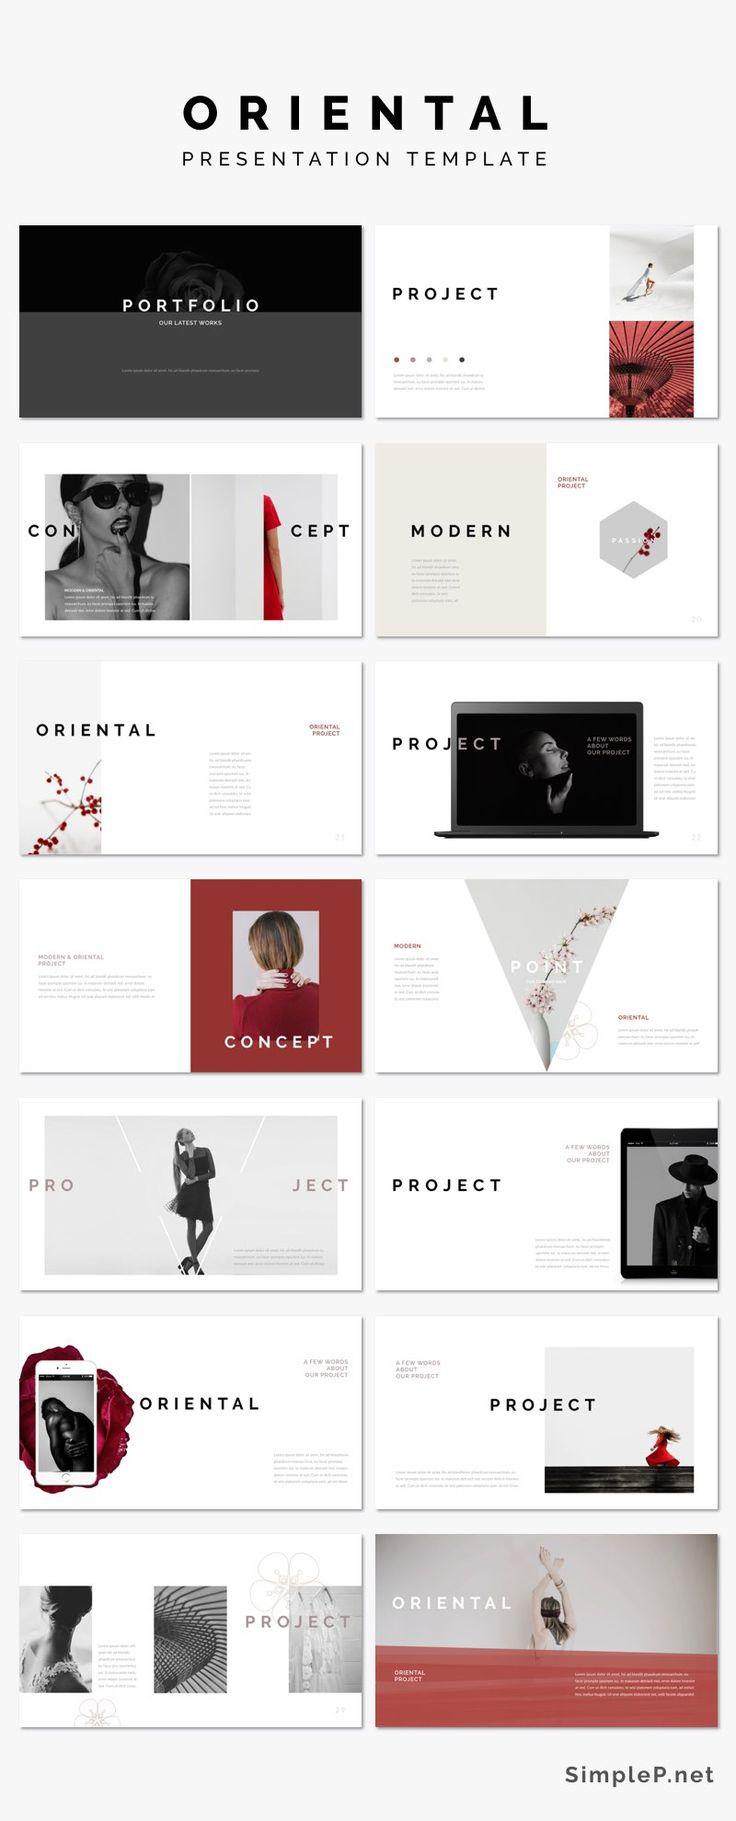 Oriental PowerPoint Presentation Template #minimalist #oriental #red #cherryblossoms #spring #flower #marketing